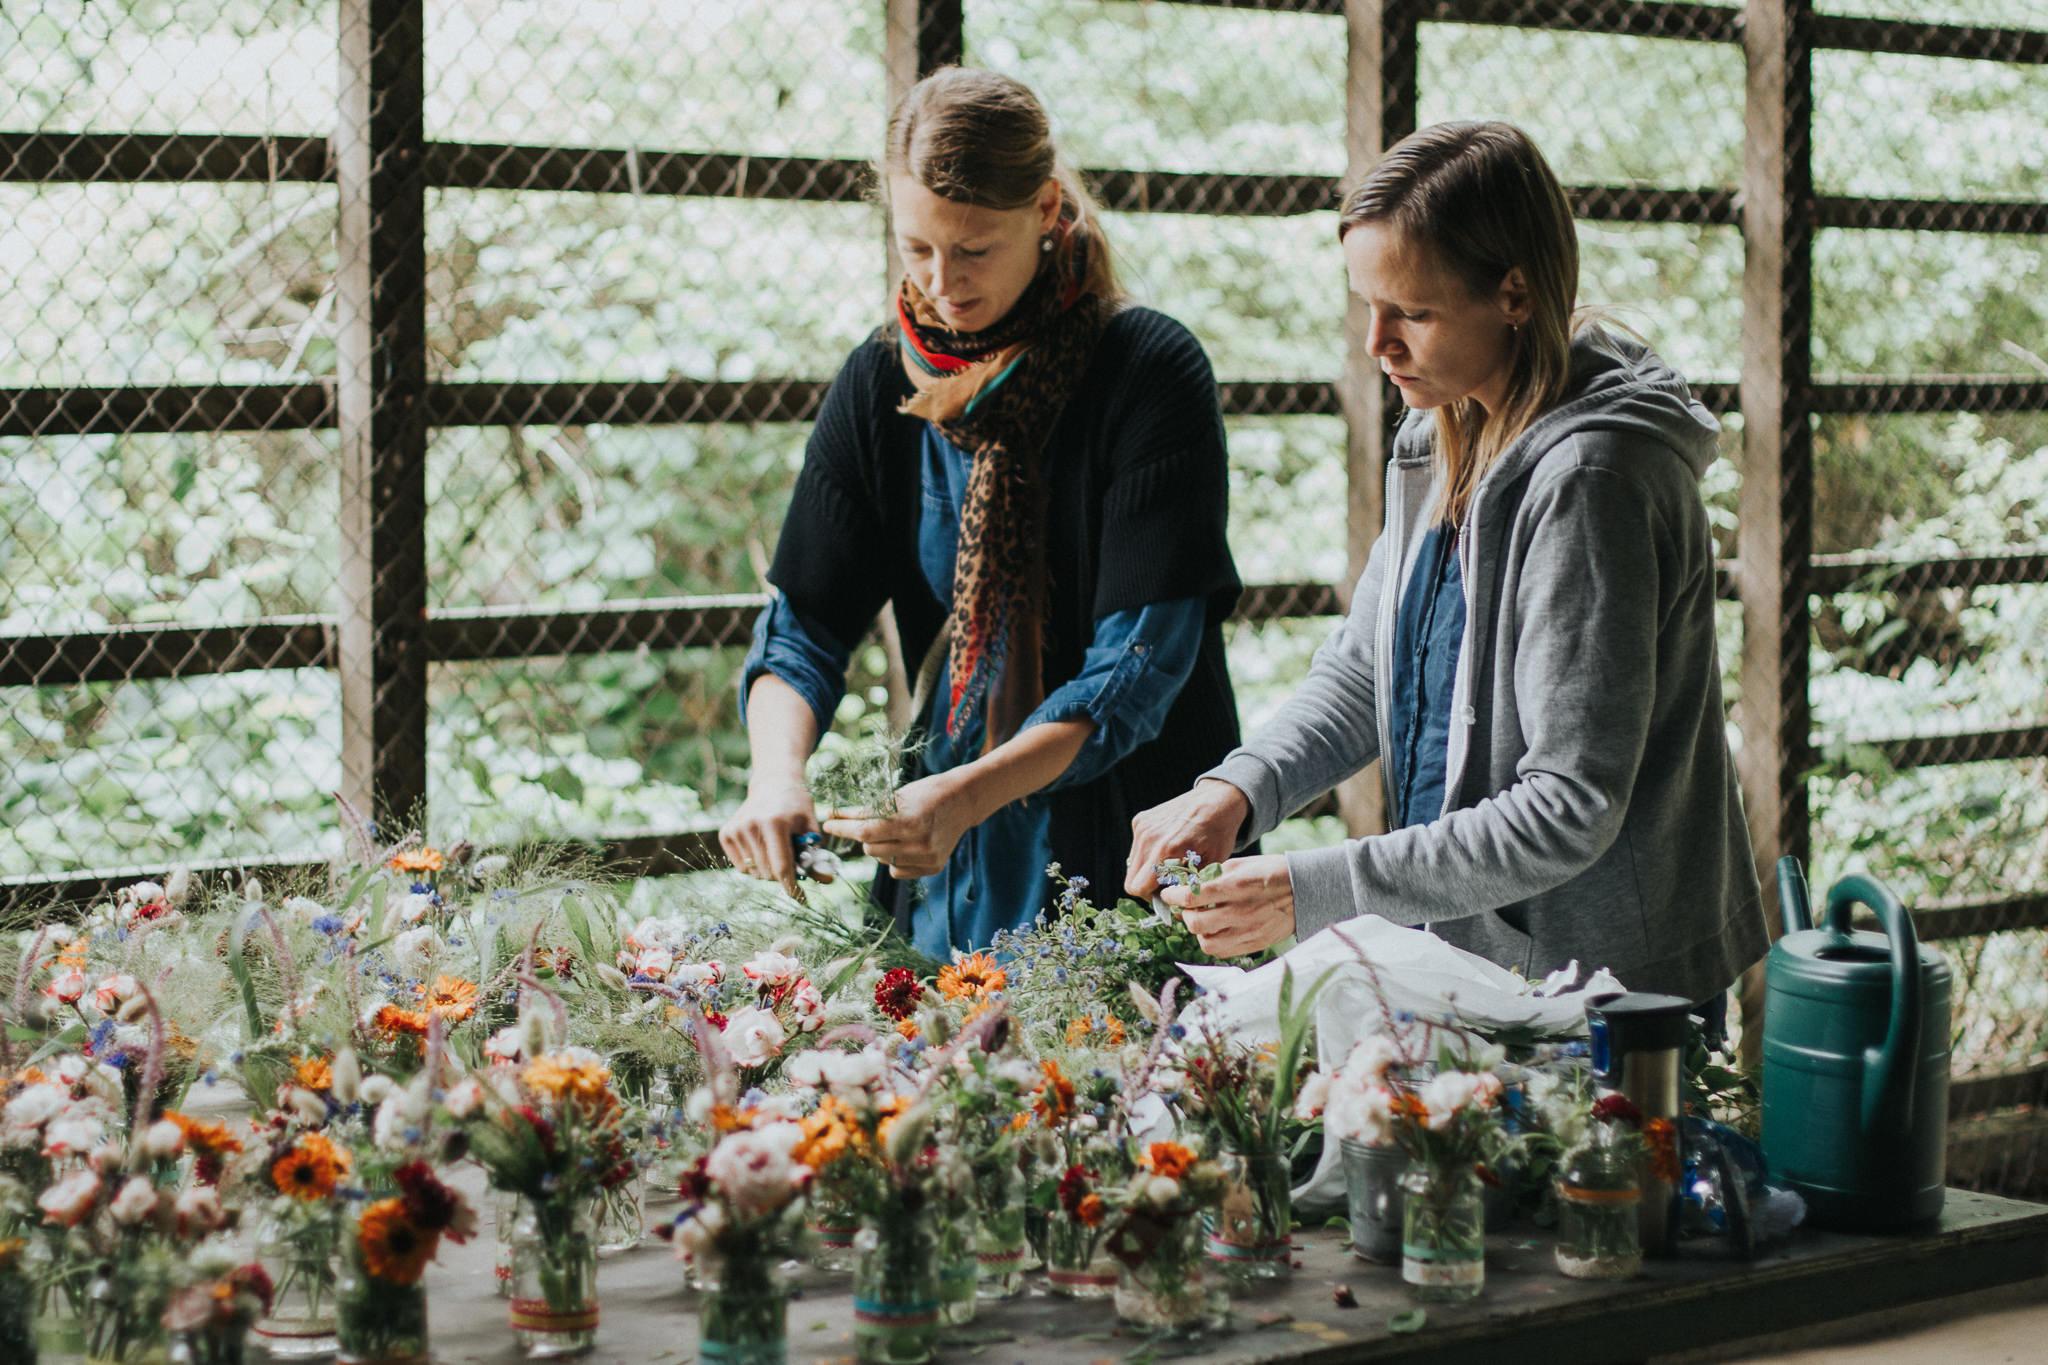 Zwei Frauen bereiten Blumen vor